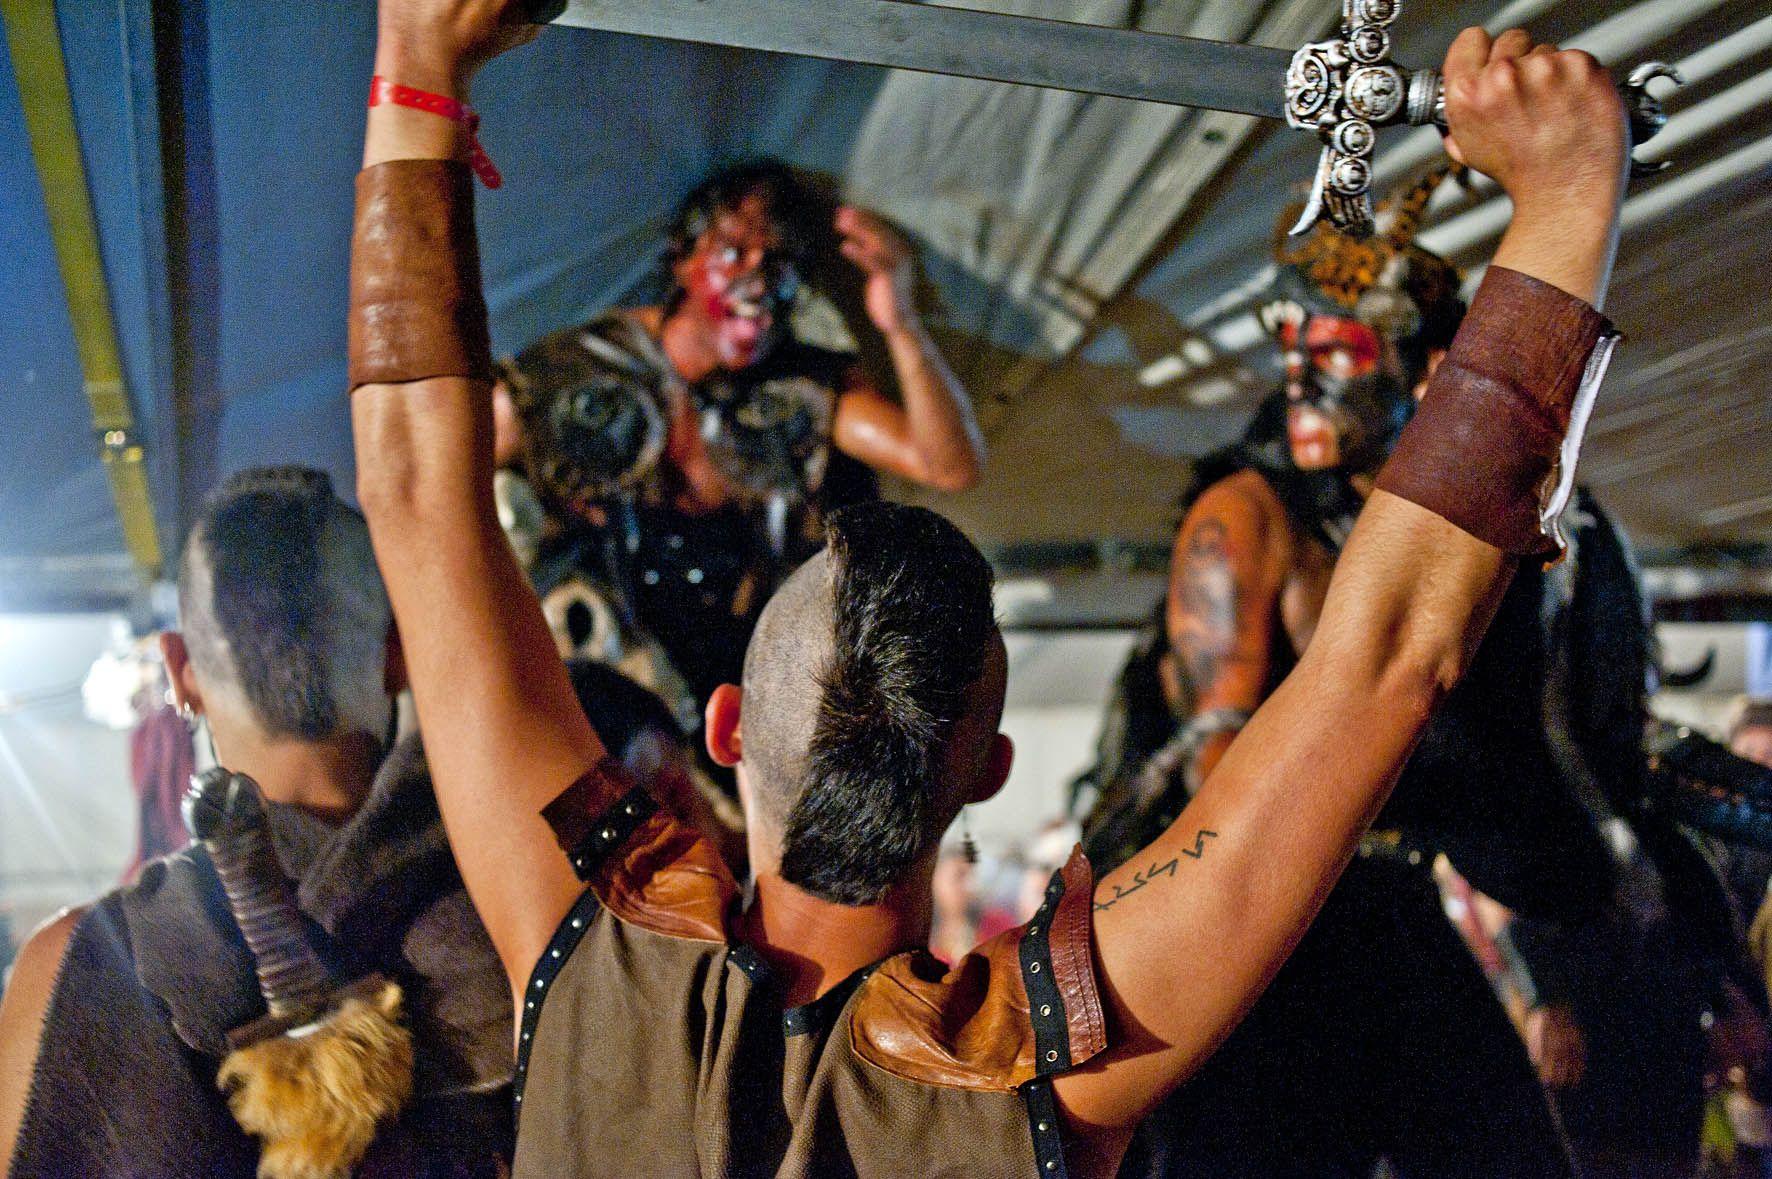 Vikingos en Galicia: Romería Vikinga de Catoira, Pontevedra